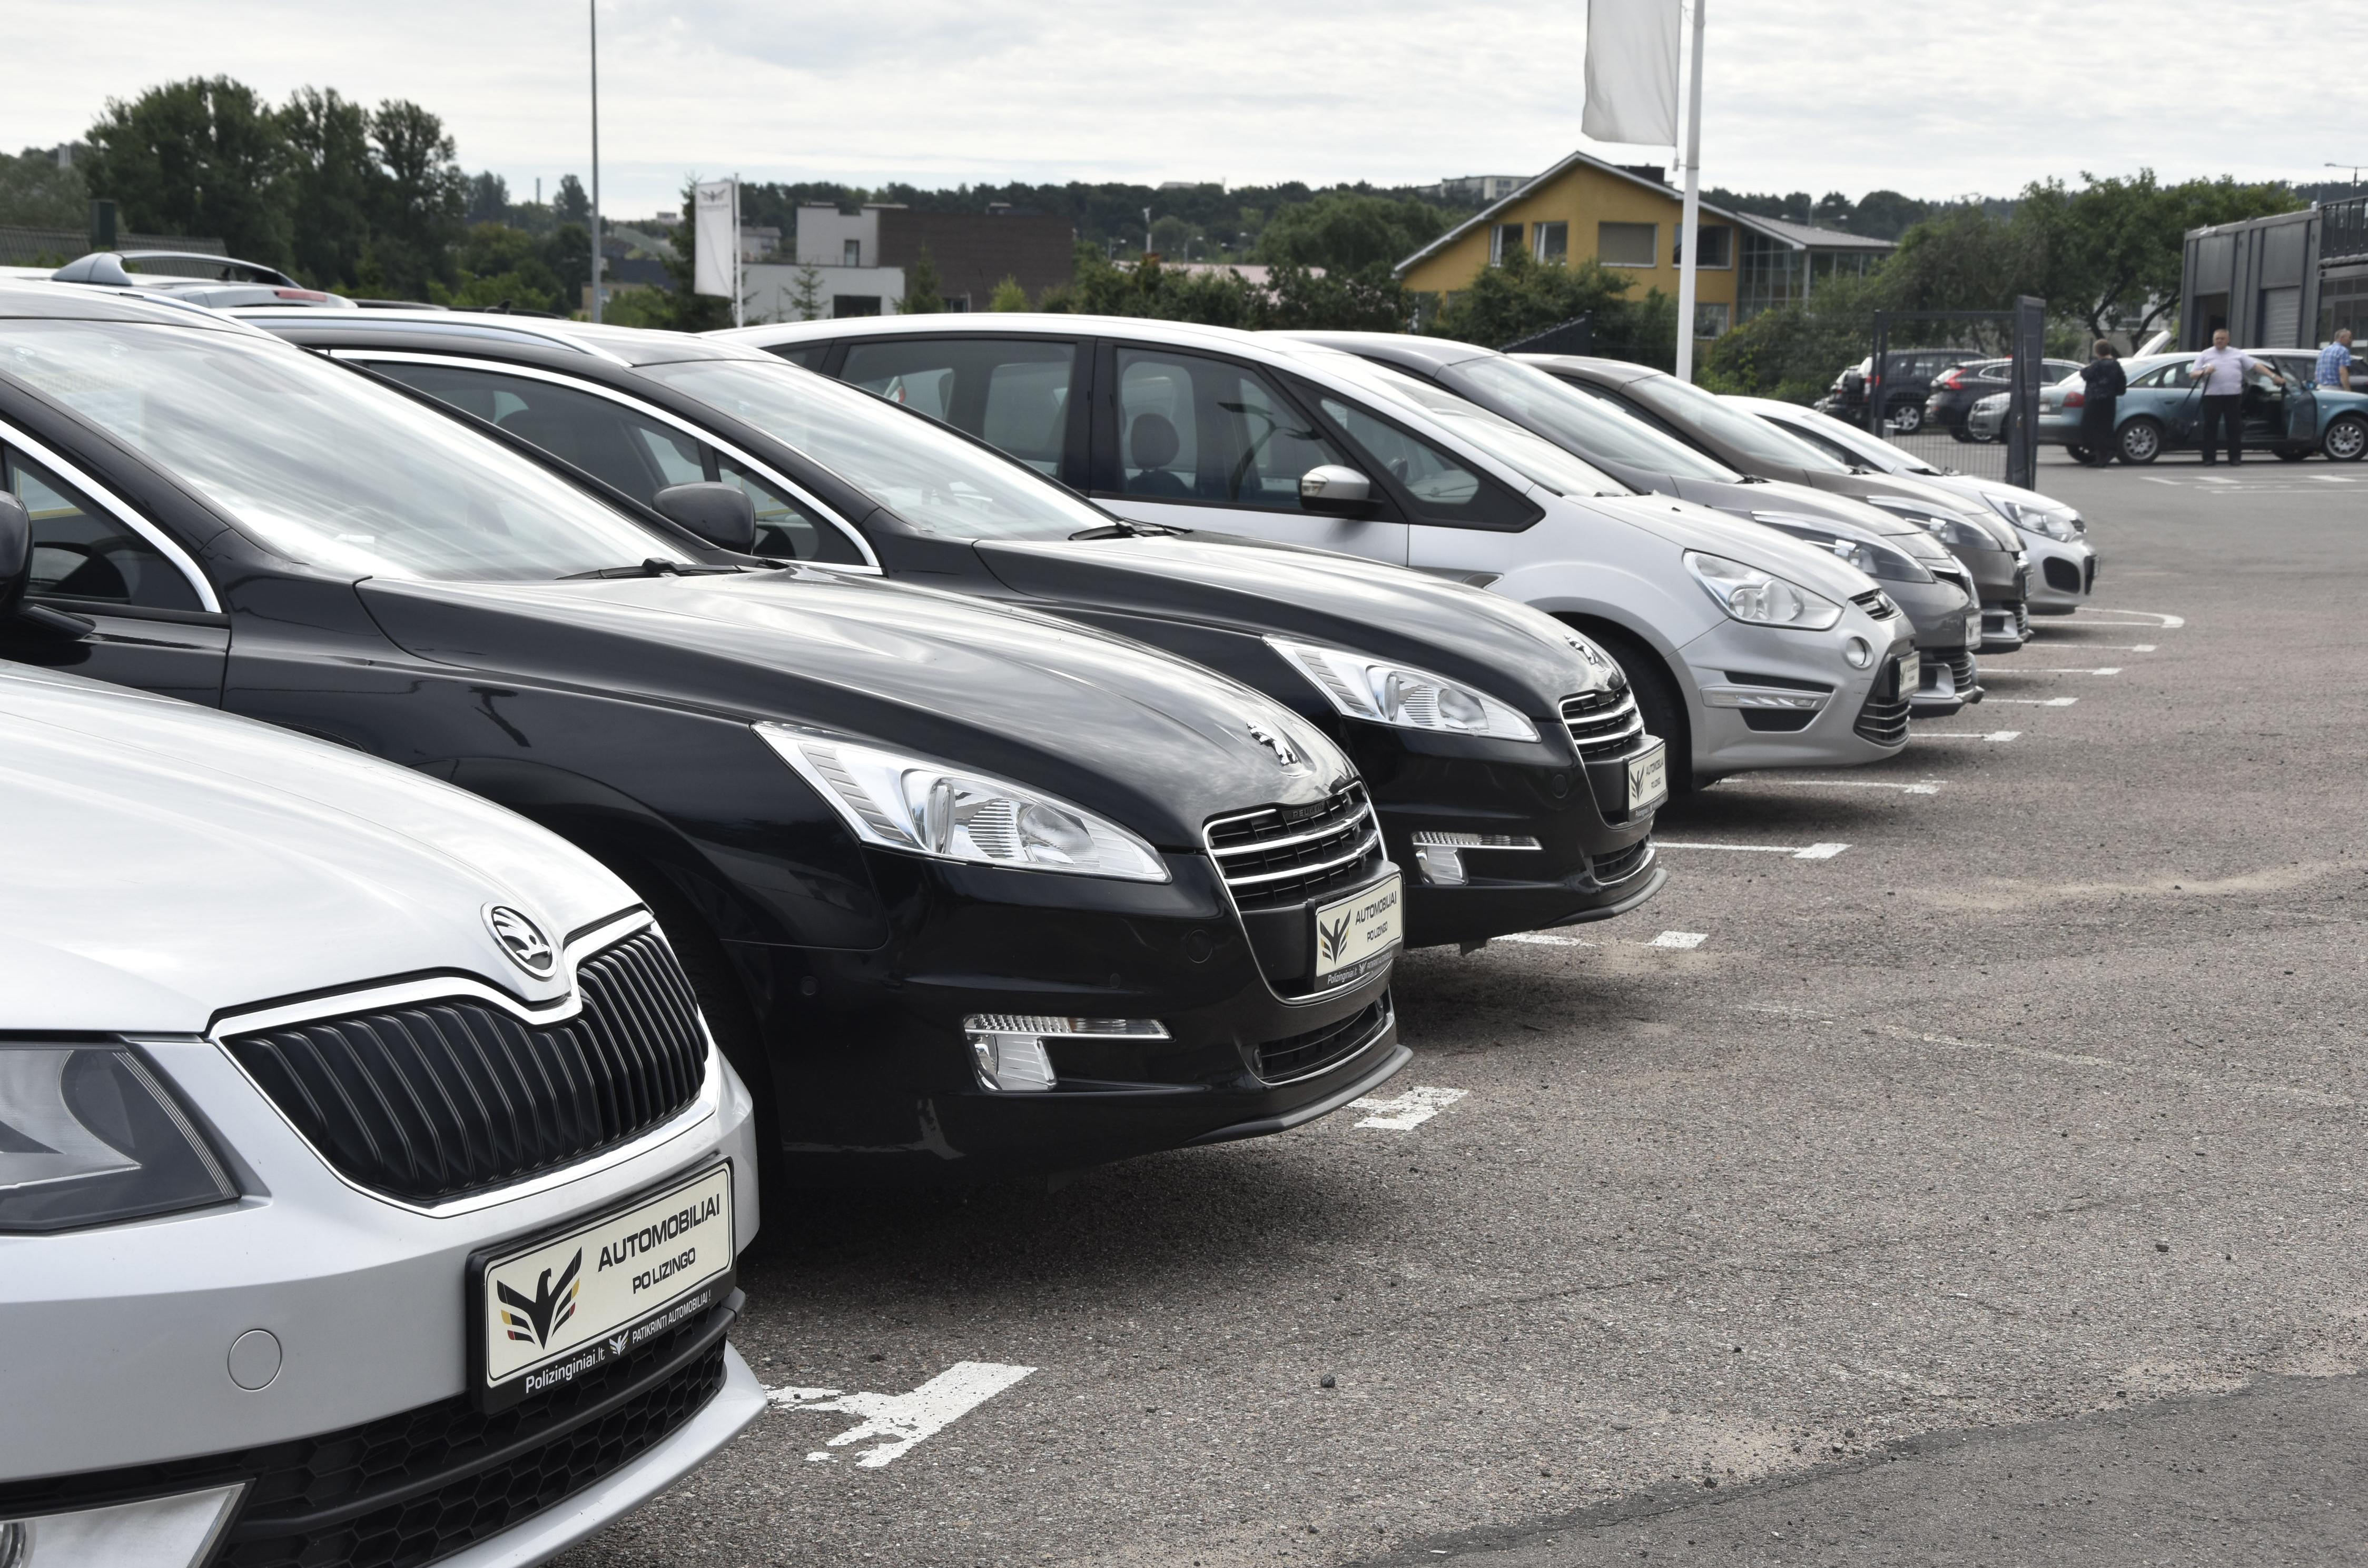 Ką Lietuvos vairuotojai vertina rinkdamiesi automobilį?